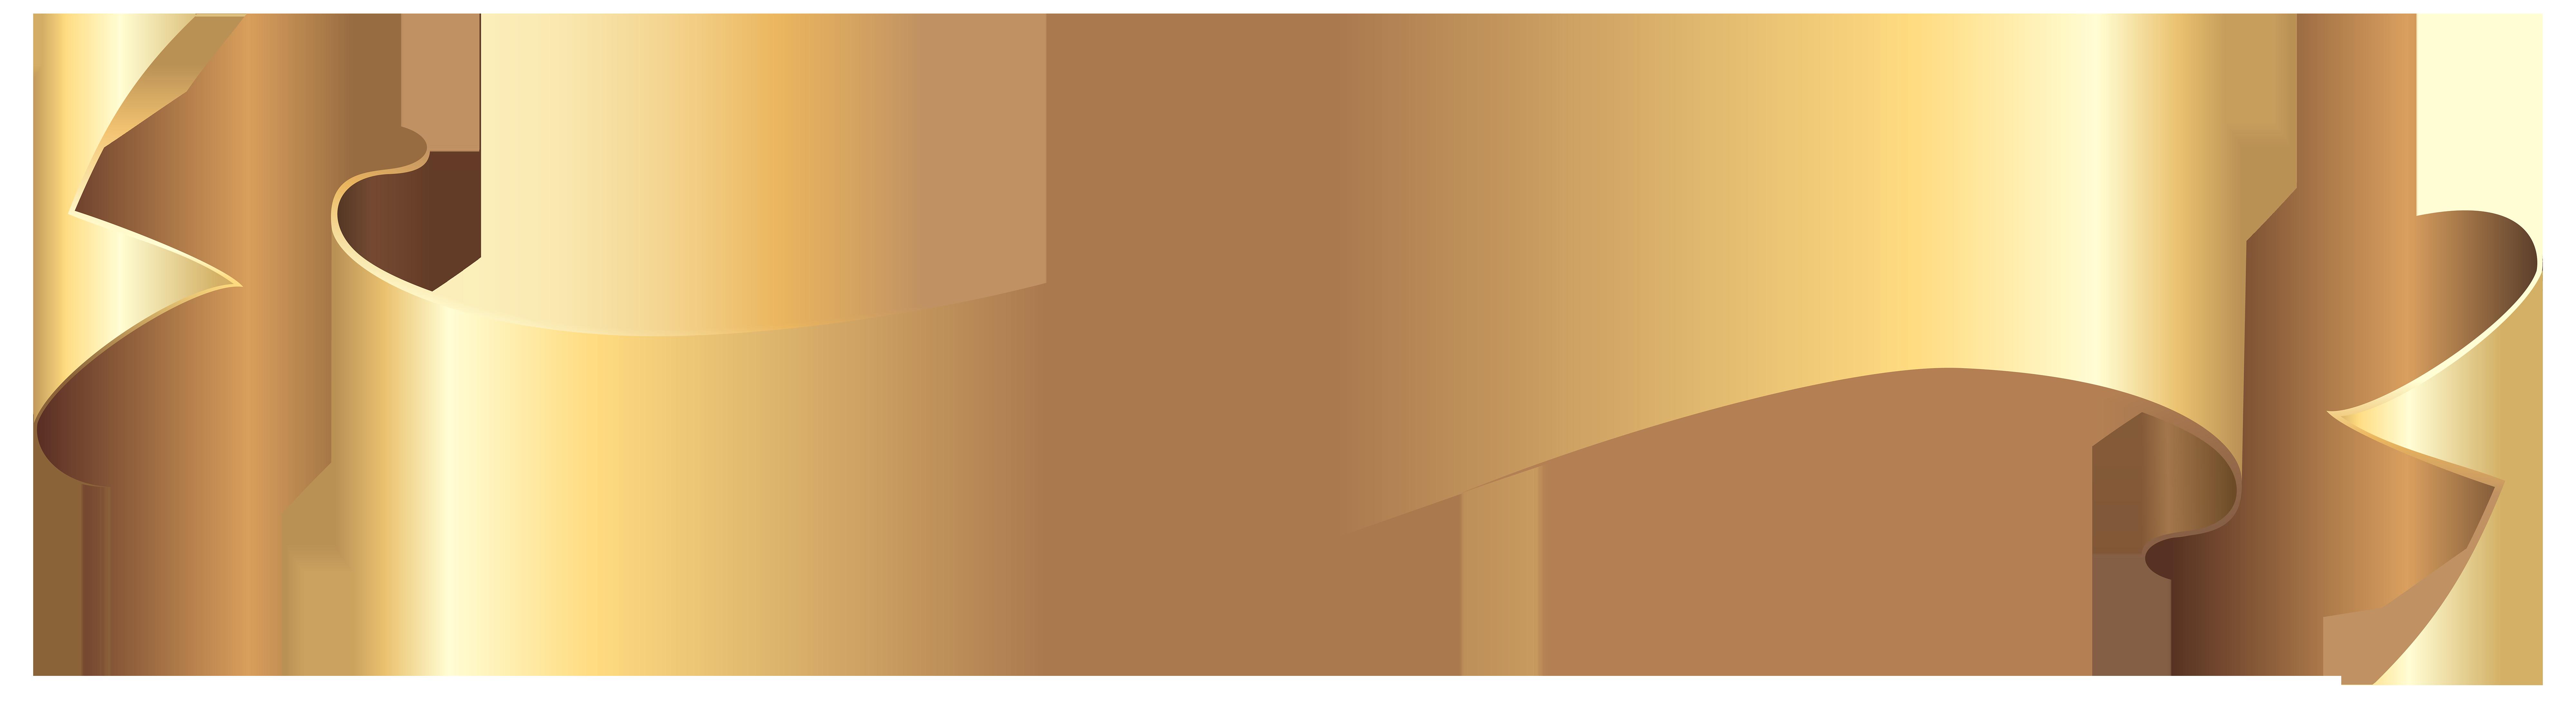 Gold Banner PNG Clip Art Image.